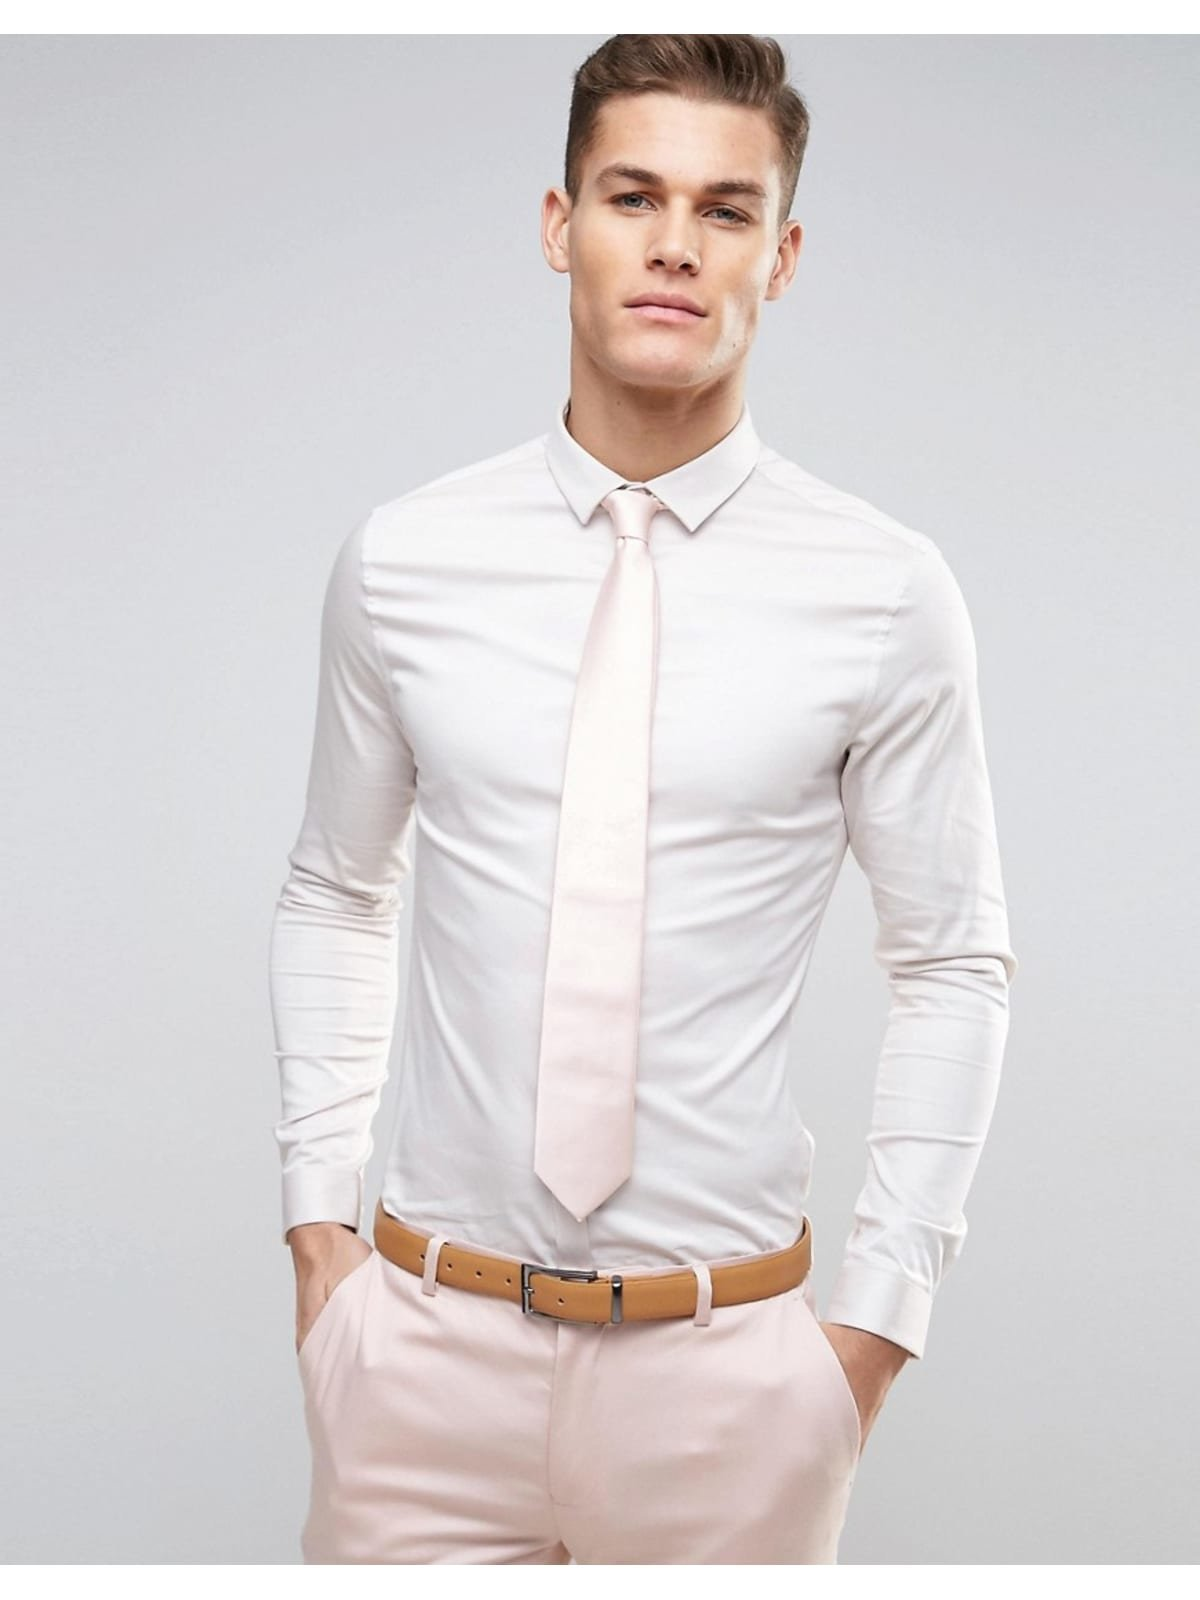 С чем можно носитьбелую рубашкумужскую?